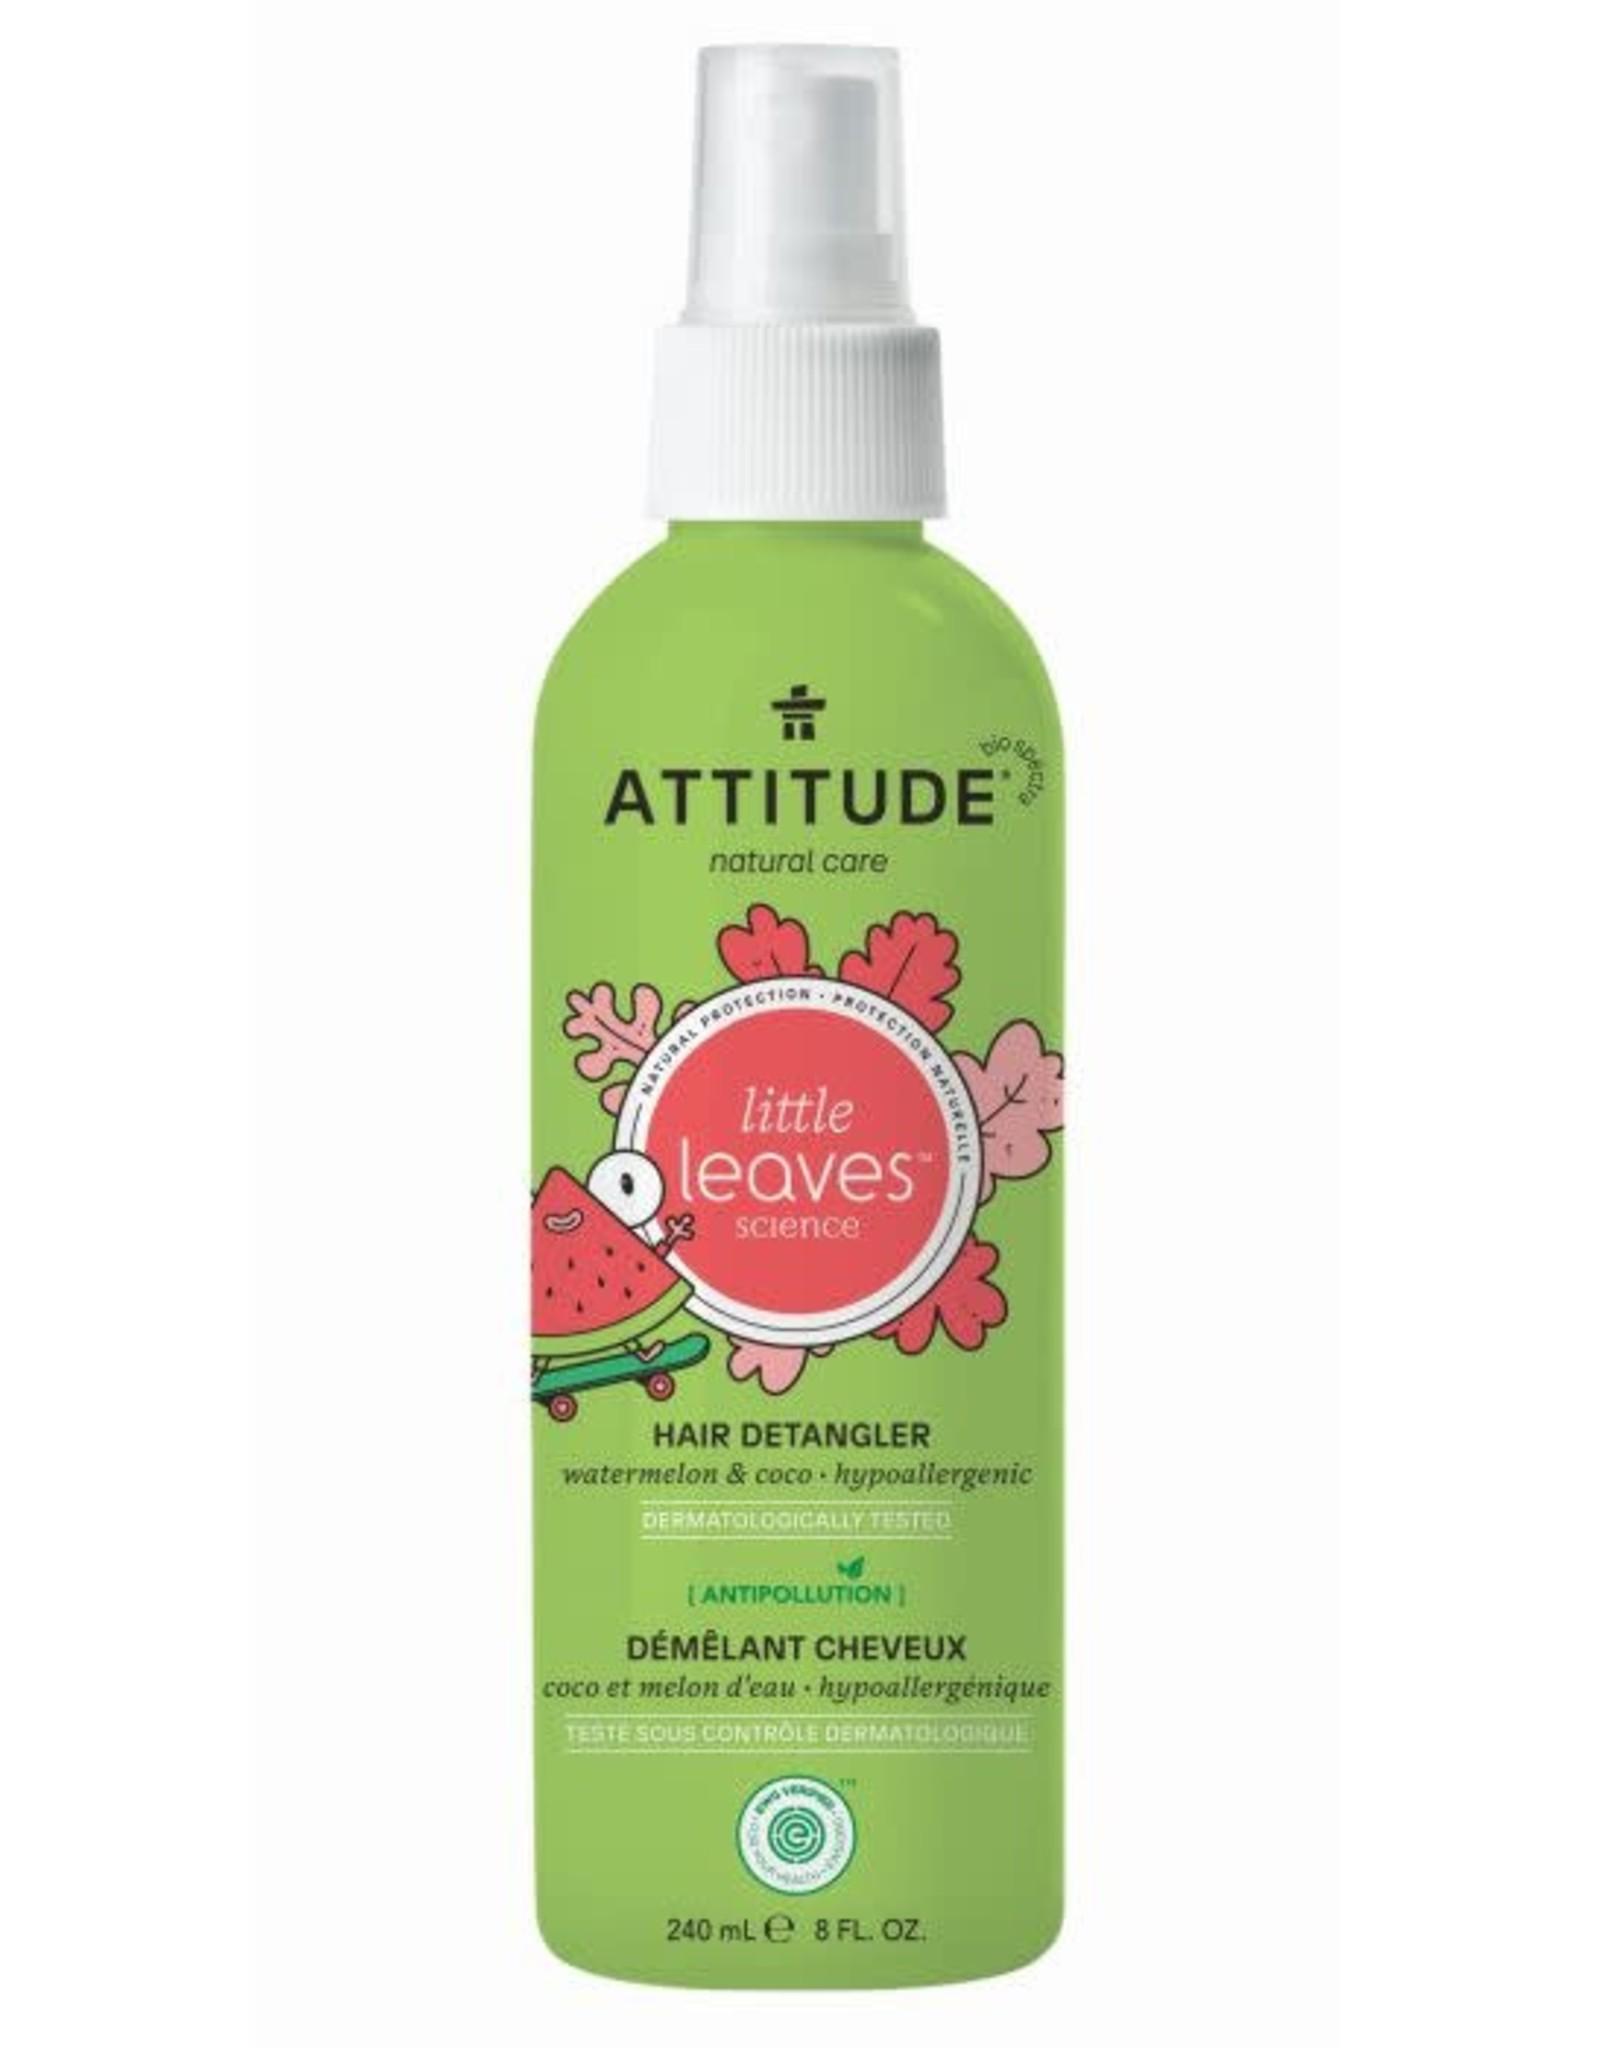 Attitude Attitude Little Ones Hair Detangler 240 ml